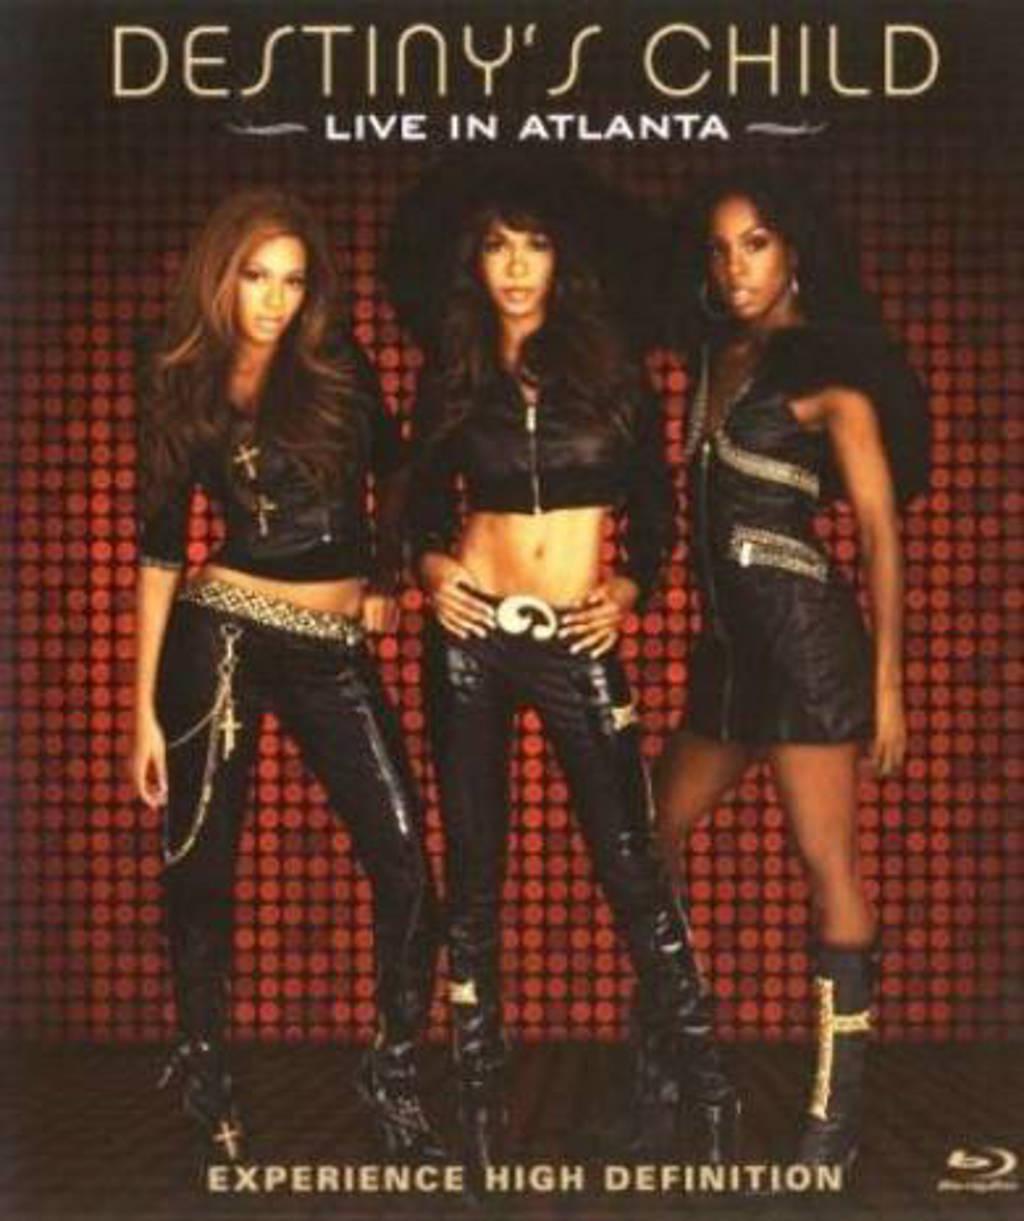 Destiny's Child - Live in Atlanta (Blu-ray)